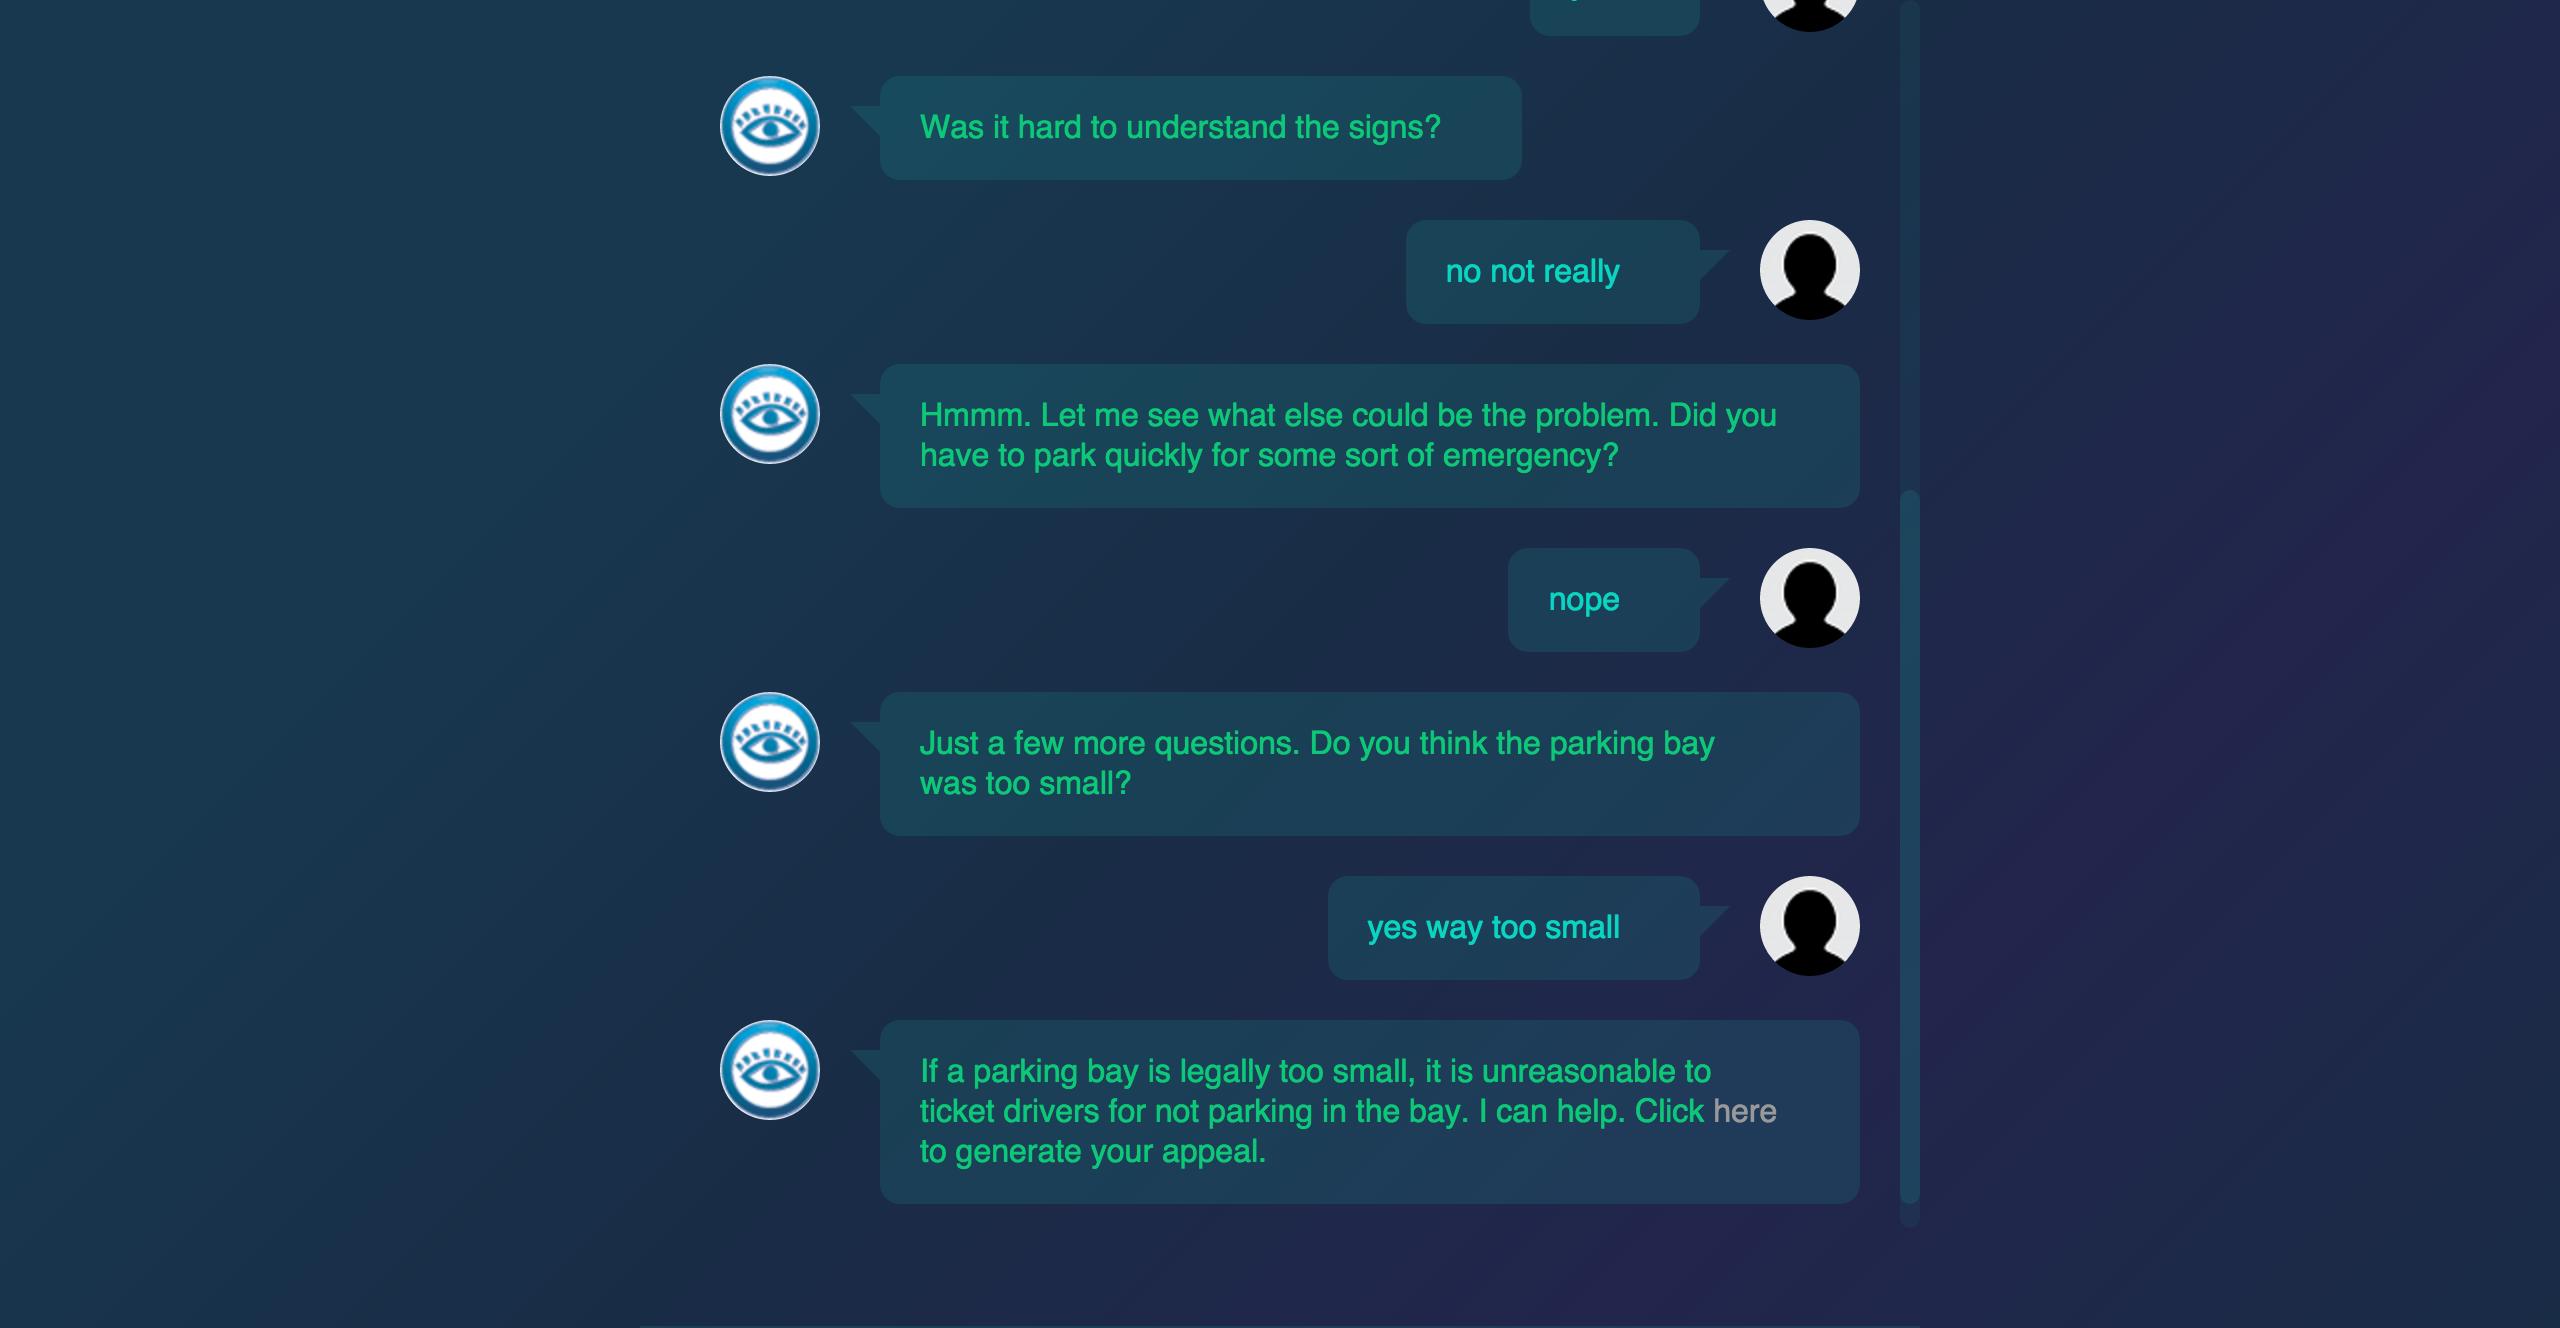 Ved hjelp av noen enkle spørsmål klarer programmet å generere fungerende klagebrev.